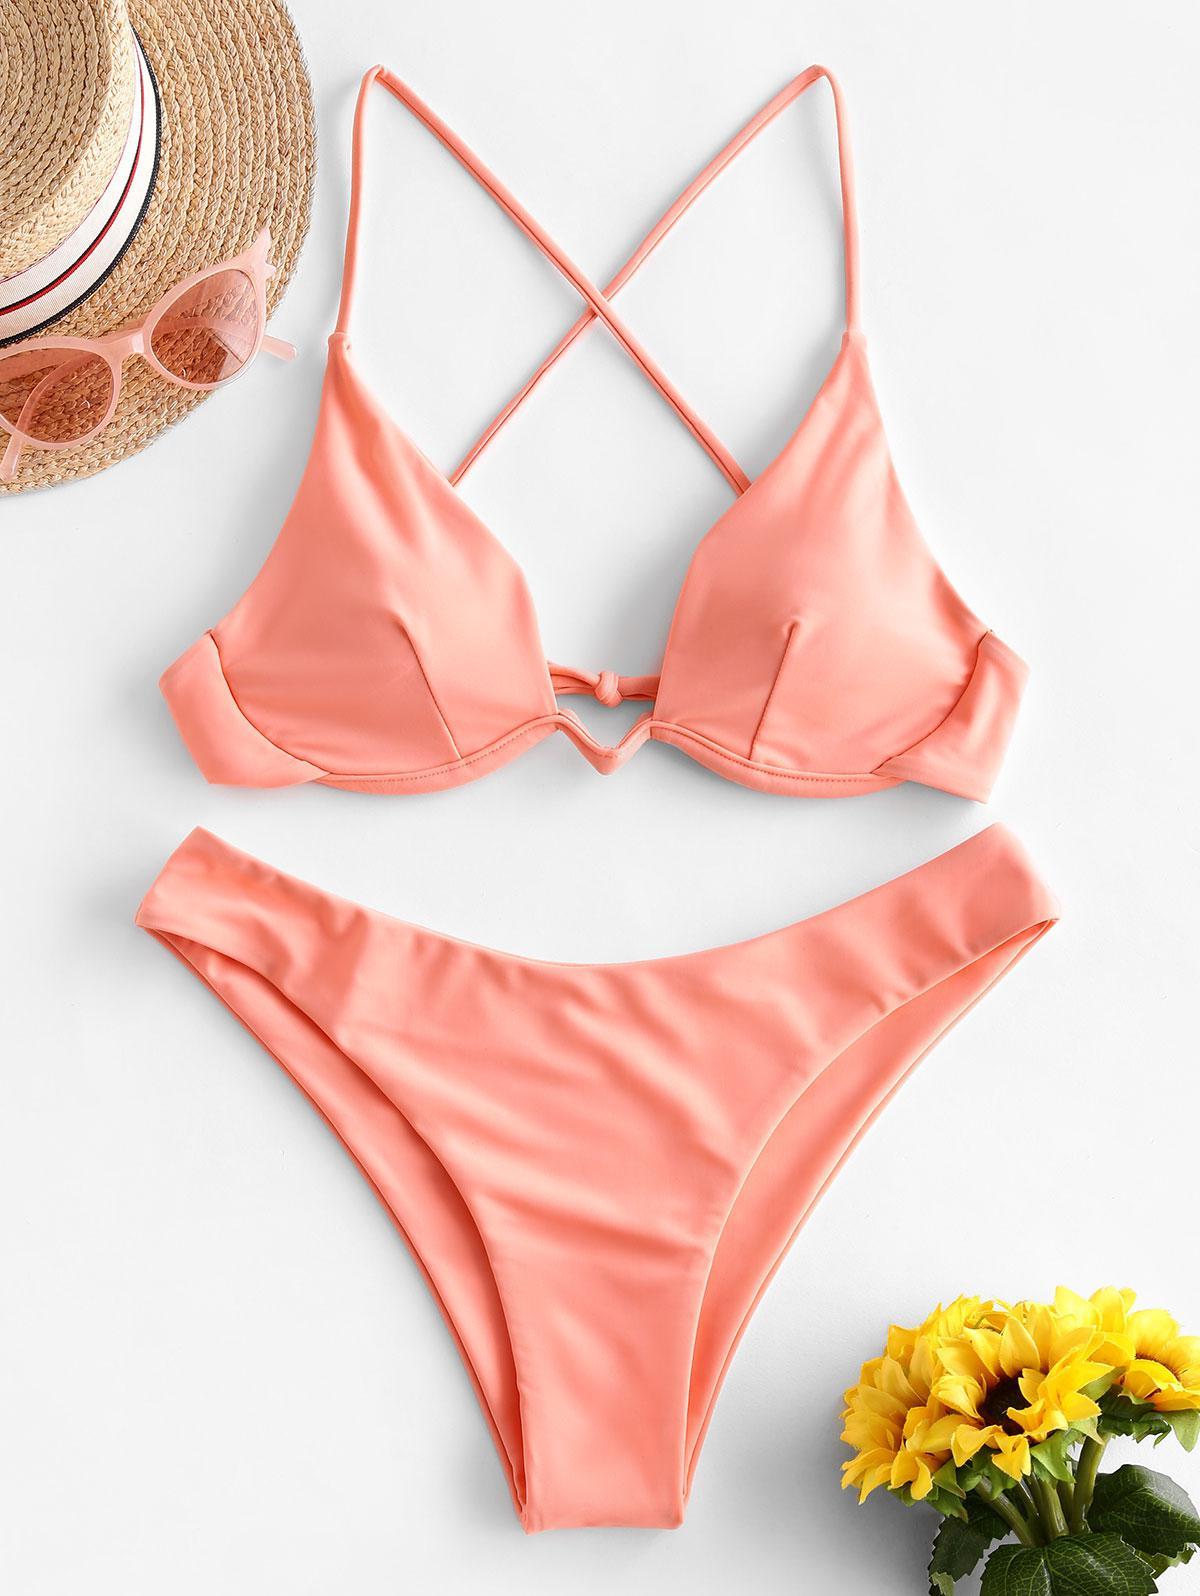 ZAFUL Crisscross Tie Underwire Bikini Swimsuit фото